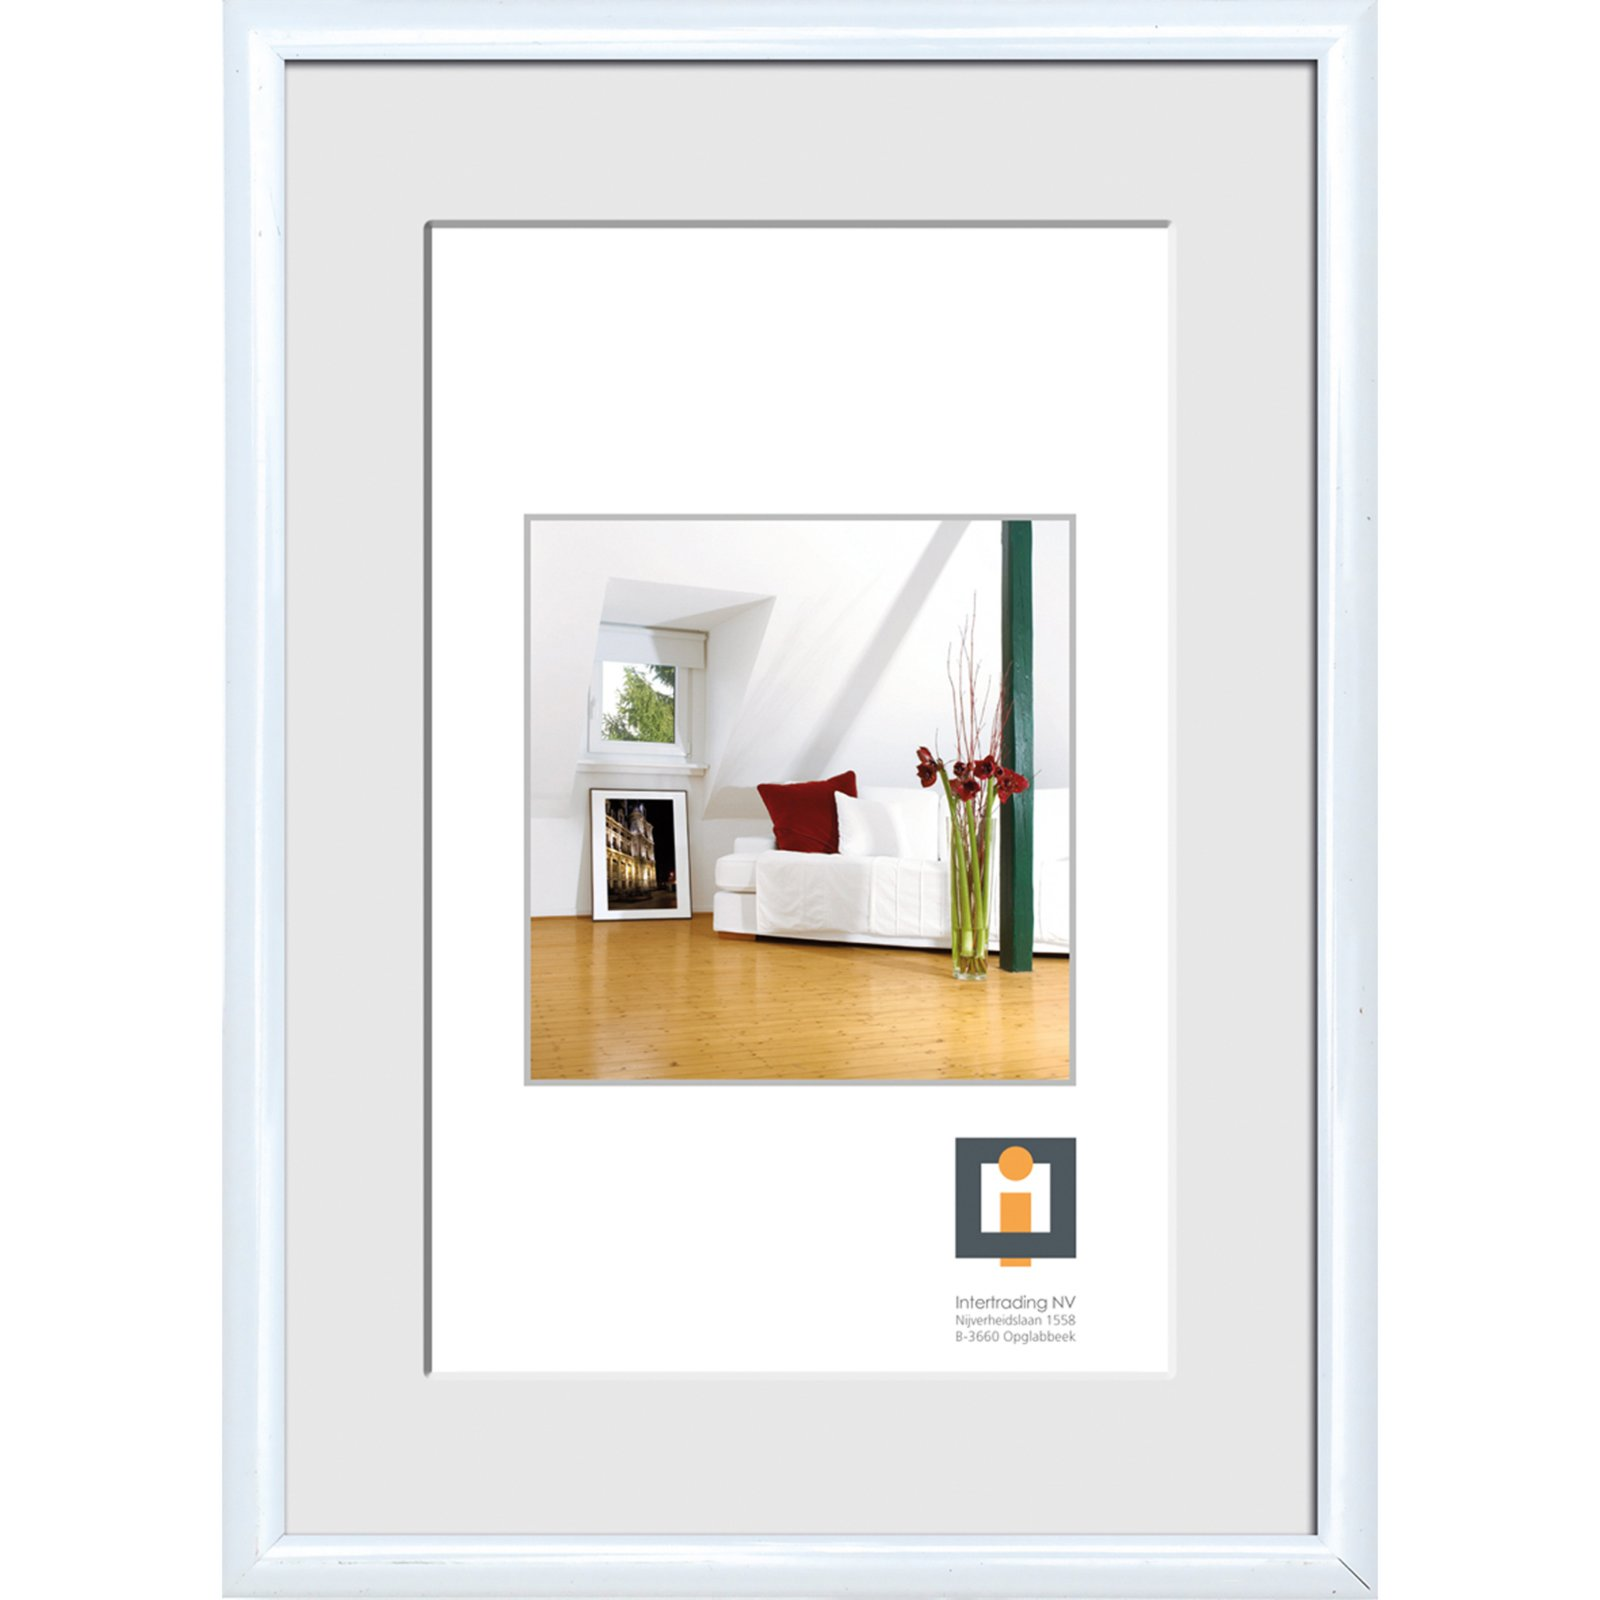 bilderrahmen wei kunststoff 40x50 cm bilderrahmen deko artikel deko haushalt. Black Bedroom Furniture Sets. Home Design Ideas